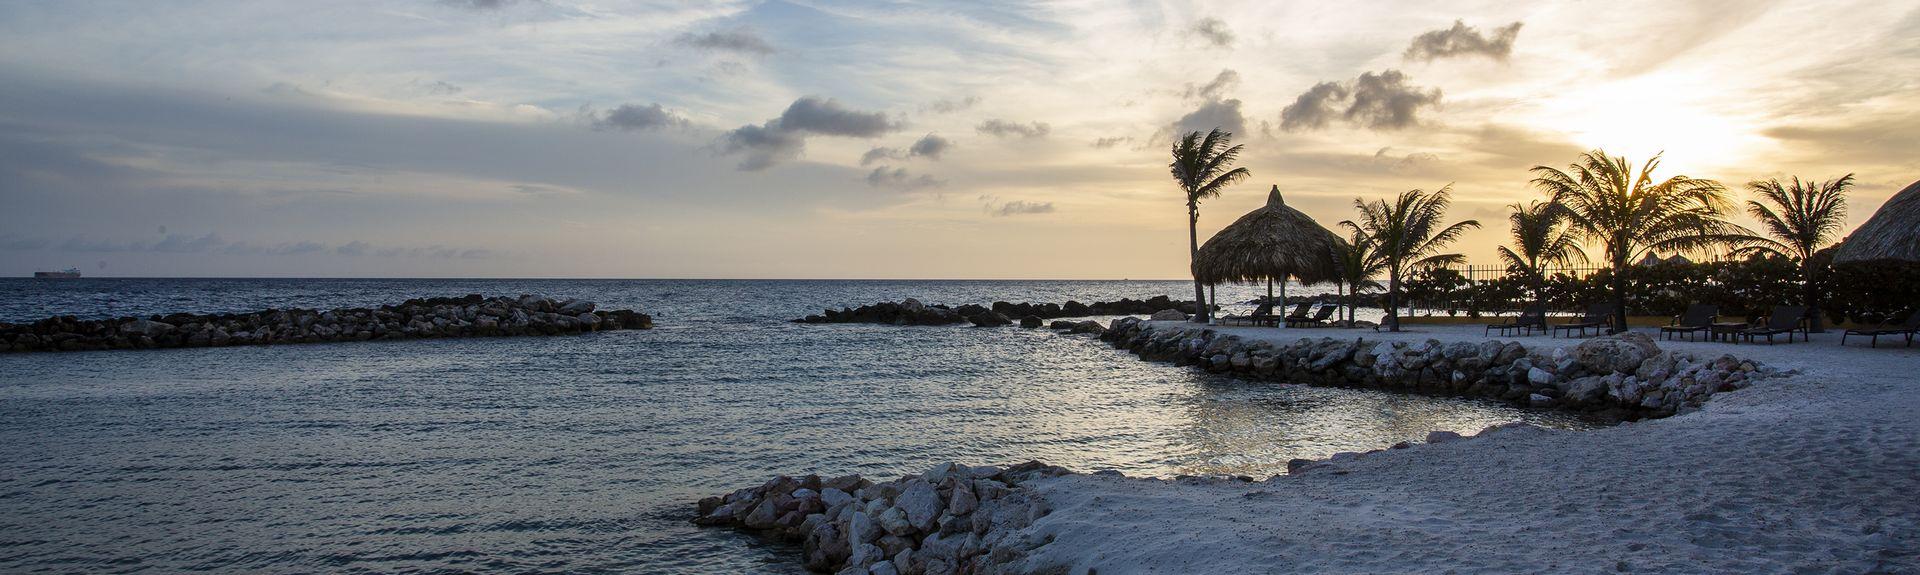 Saliña, Willemstad, Curaçao